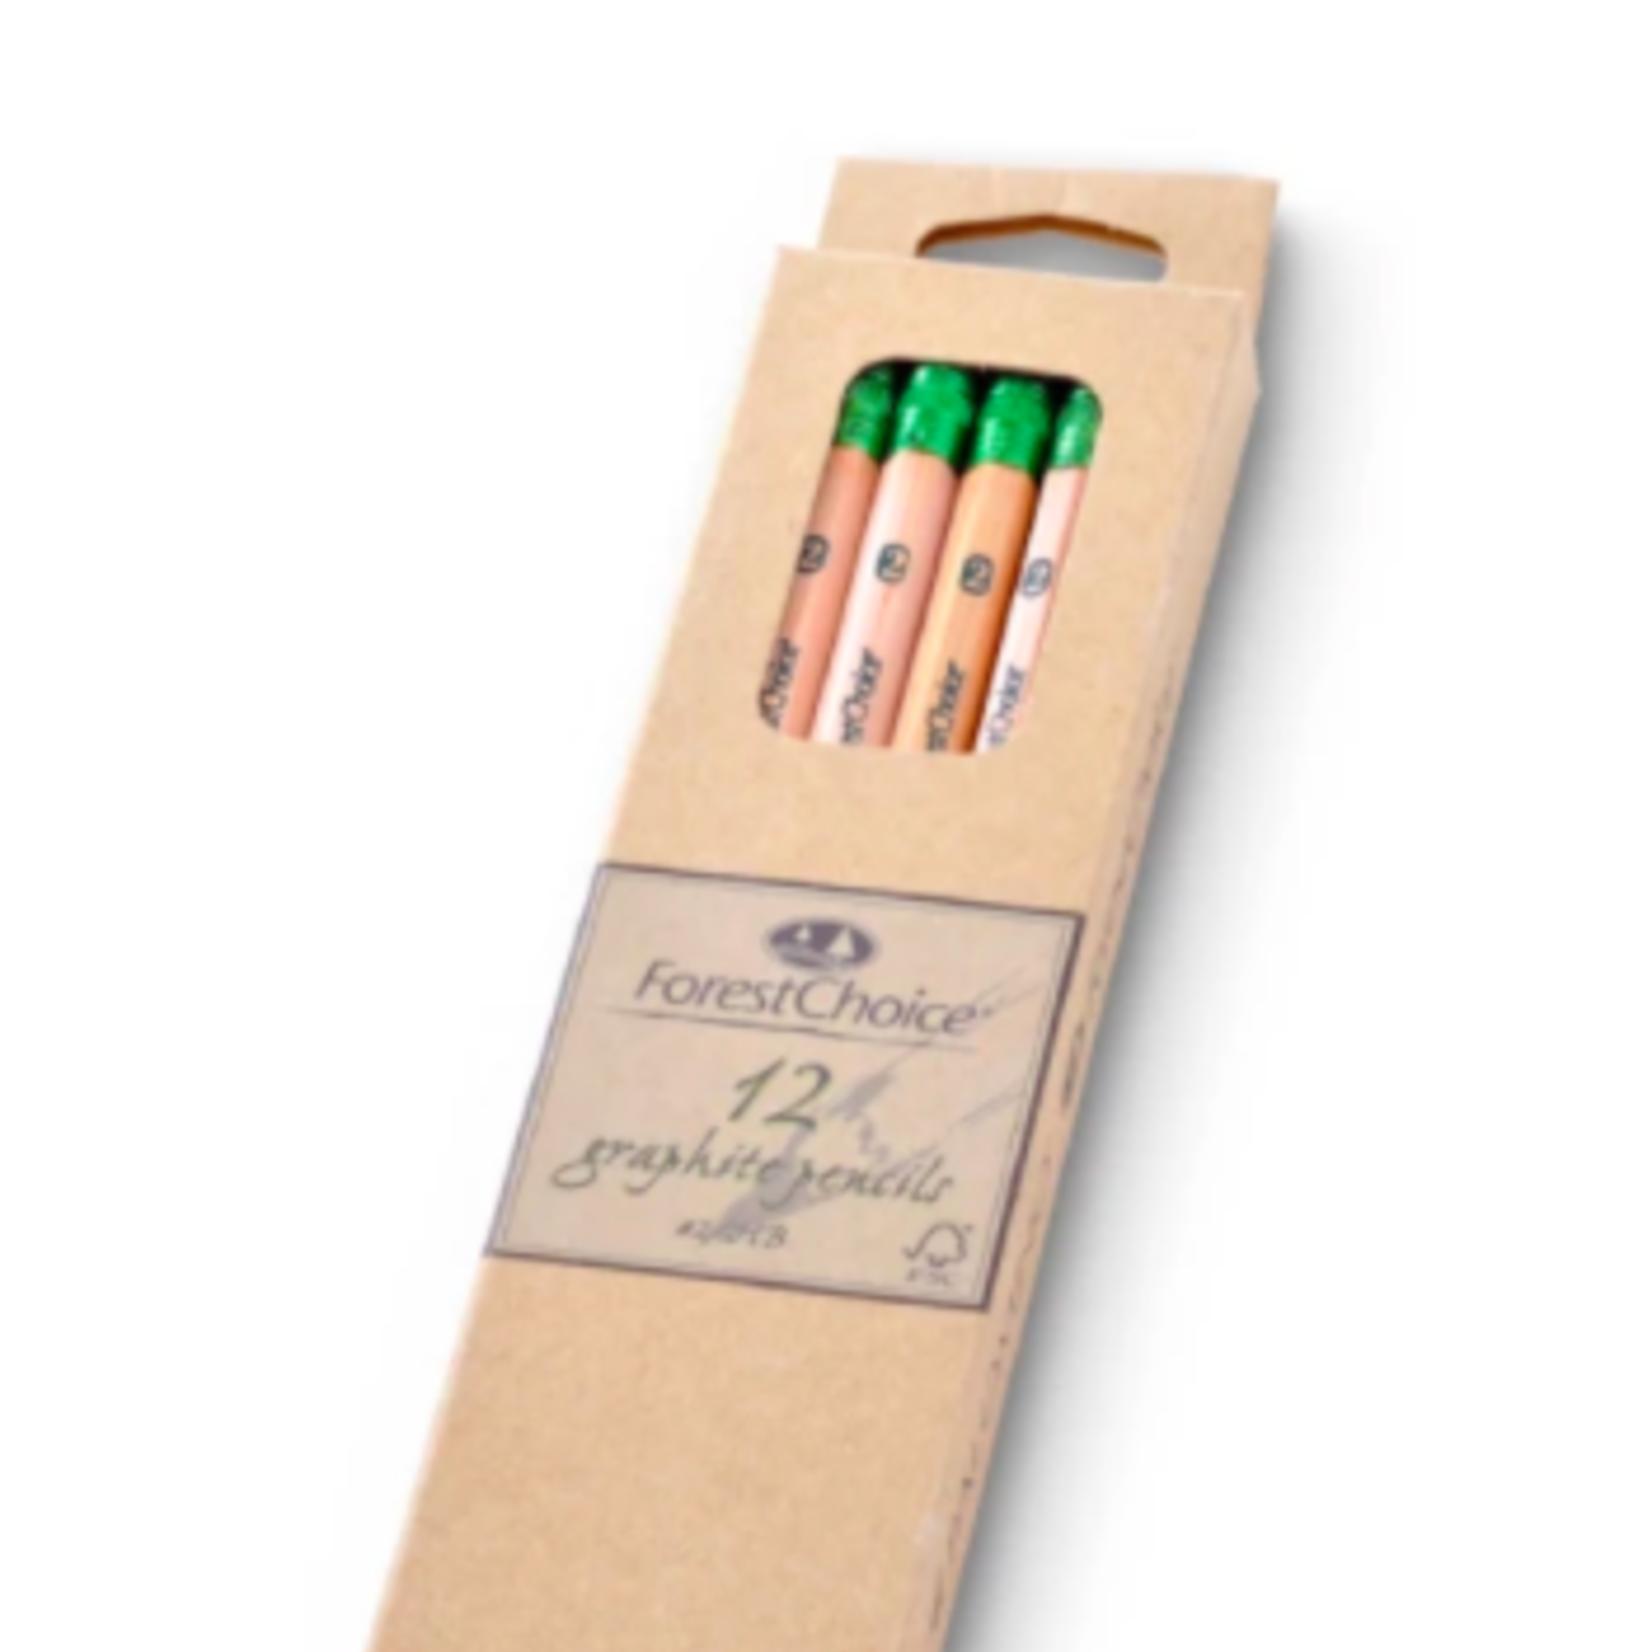 ForestChoice Graphite Pencils